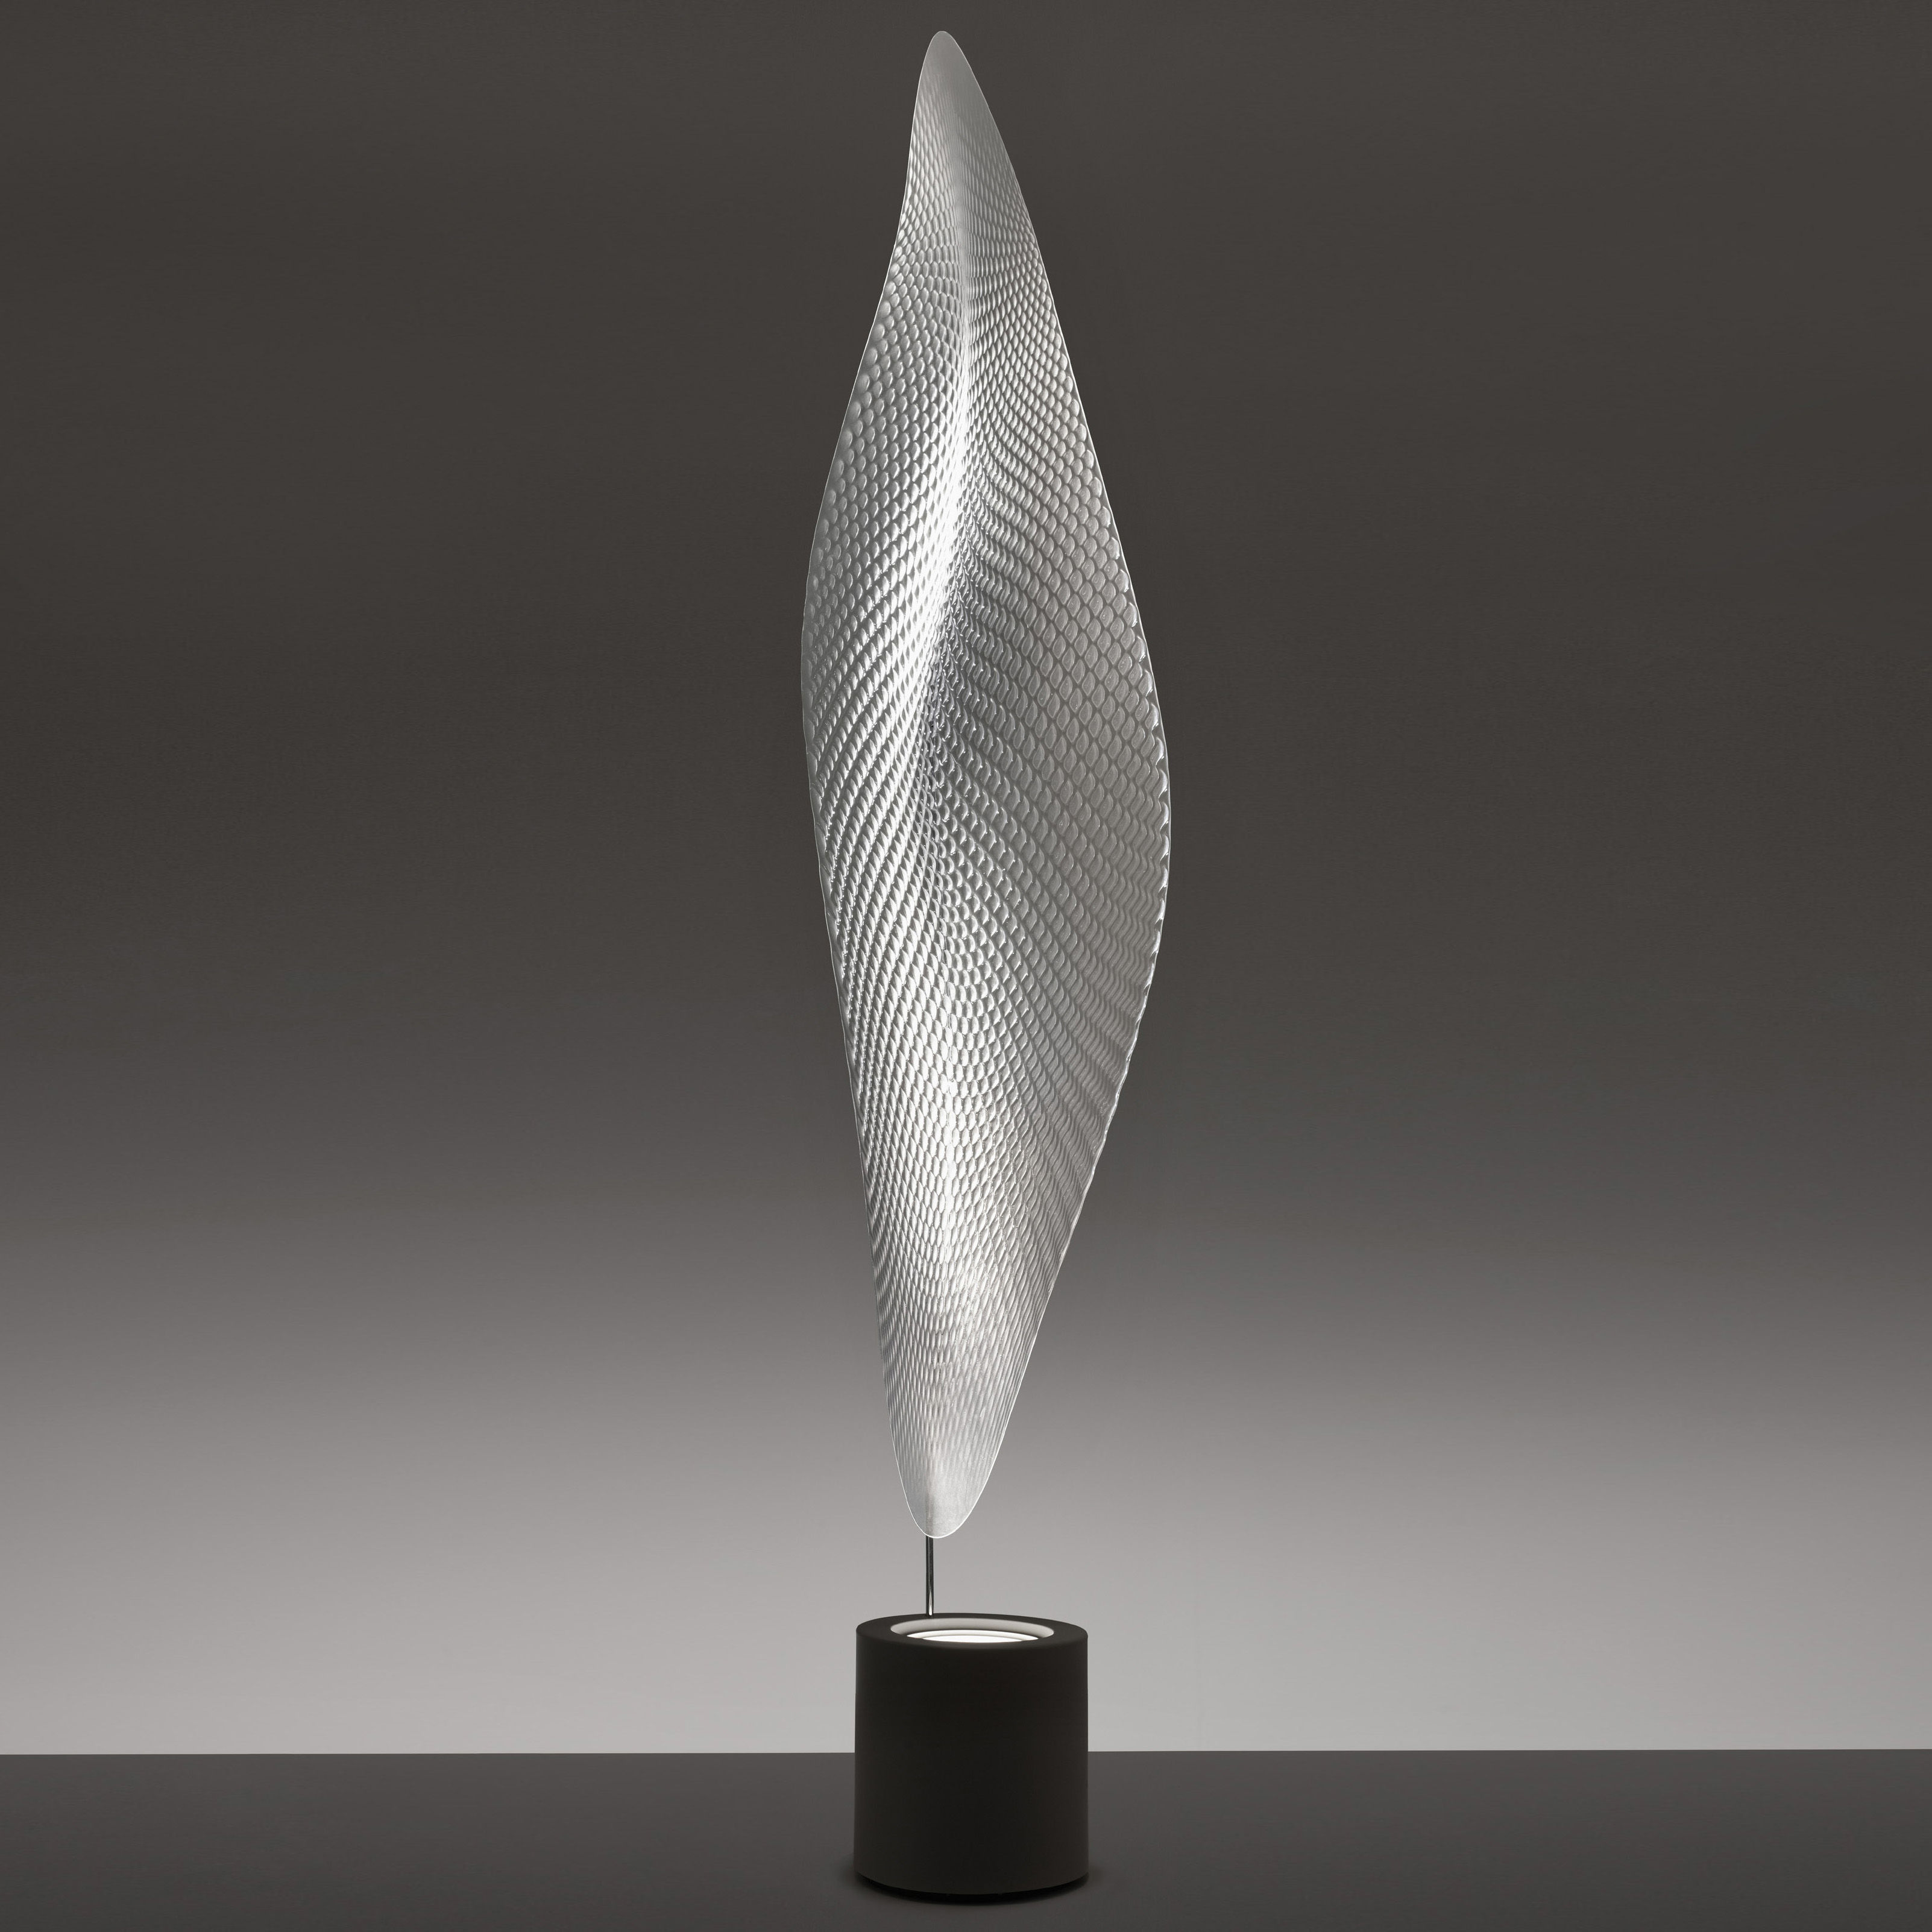 Leuchten - Stehleuchten - Cosmic leaf Stehleuchte - Artemide - Basis grau - Diffusor transparent - Metall, Methacrylate